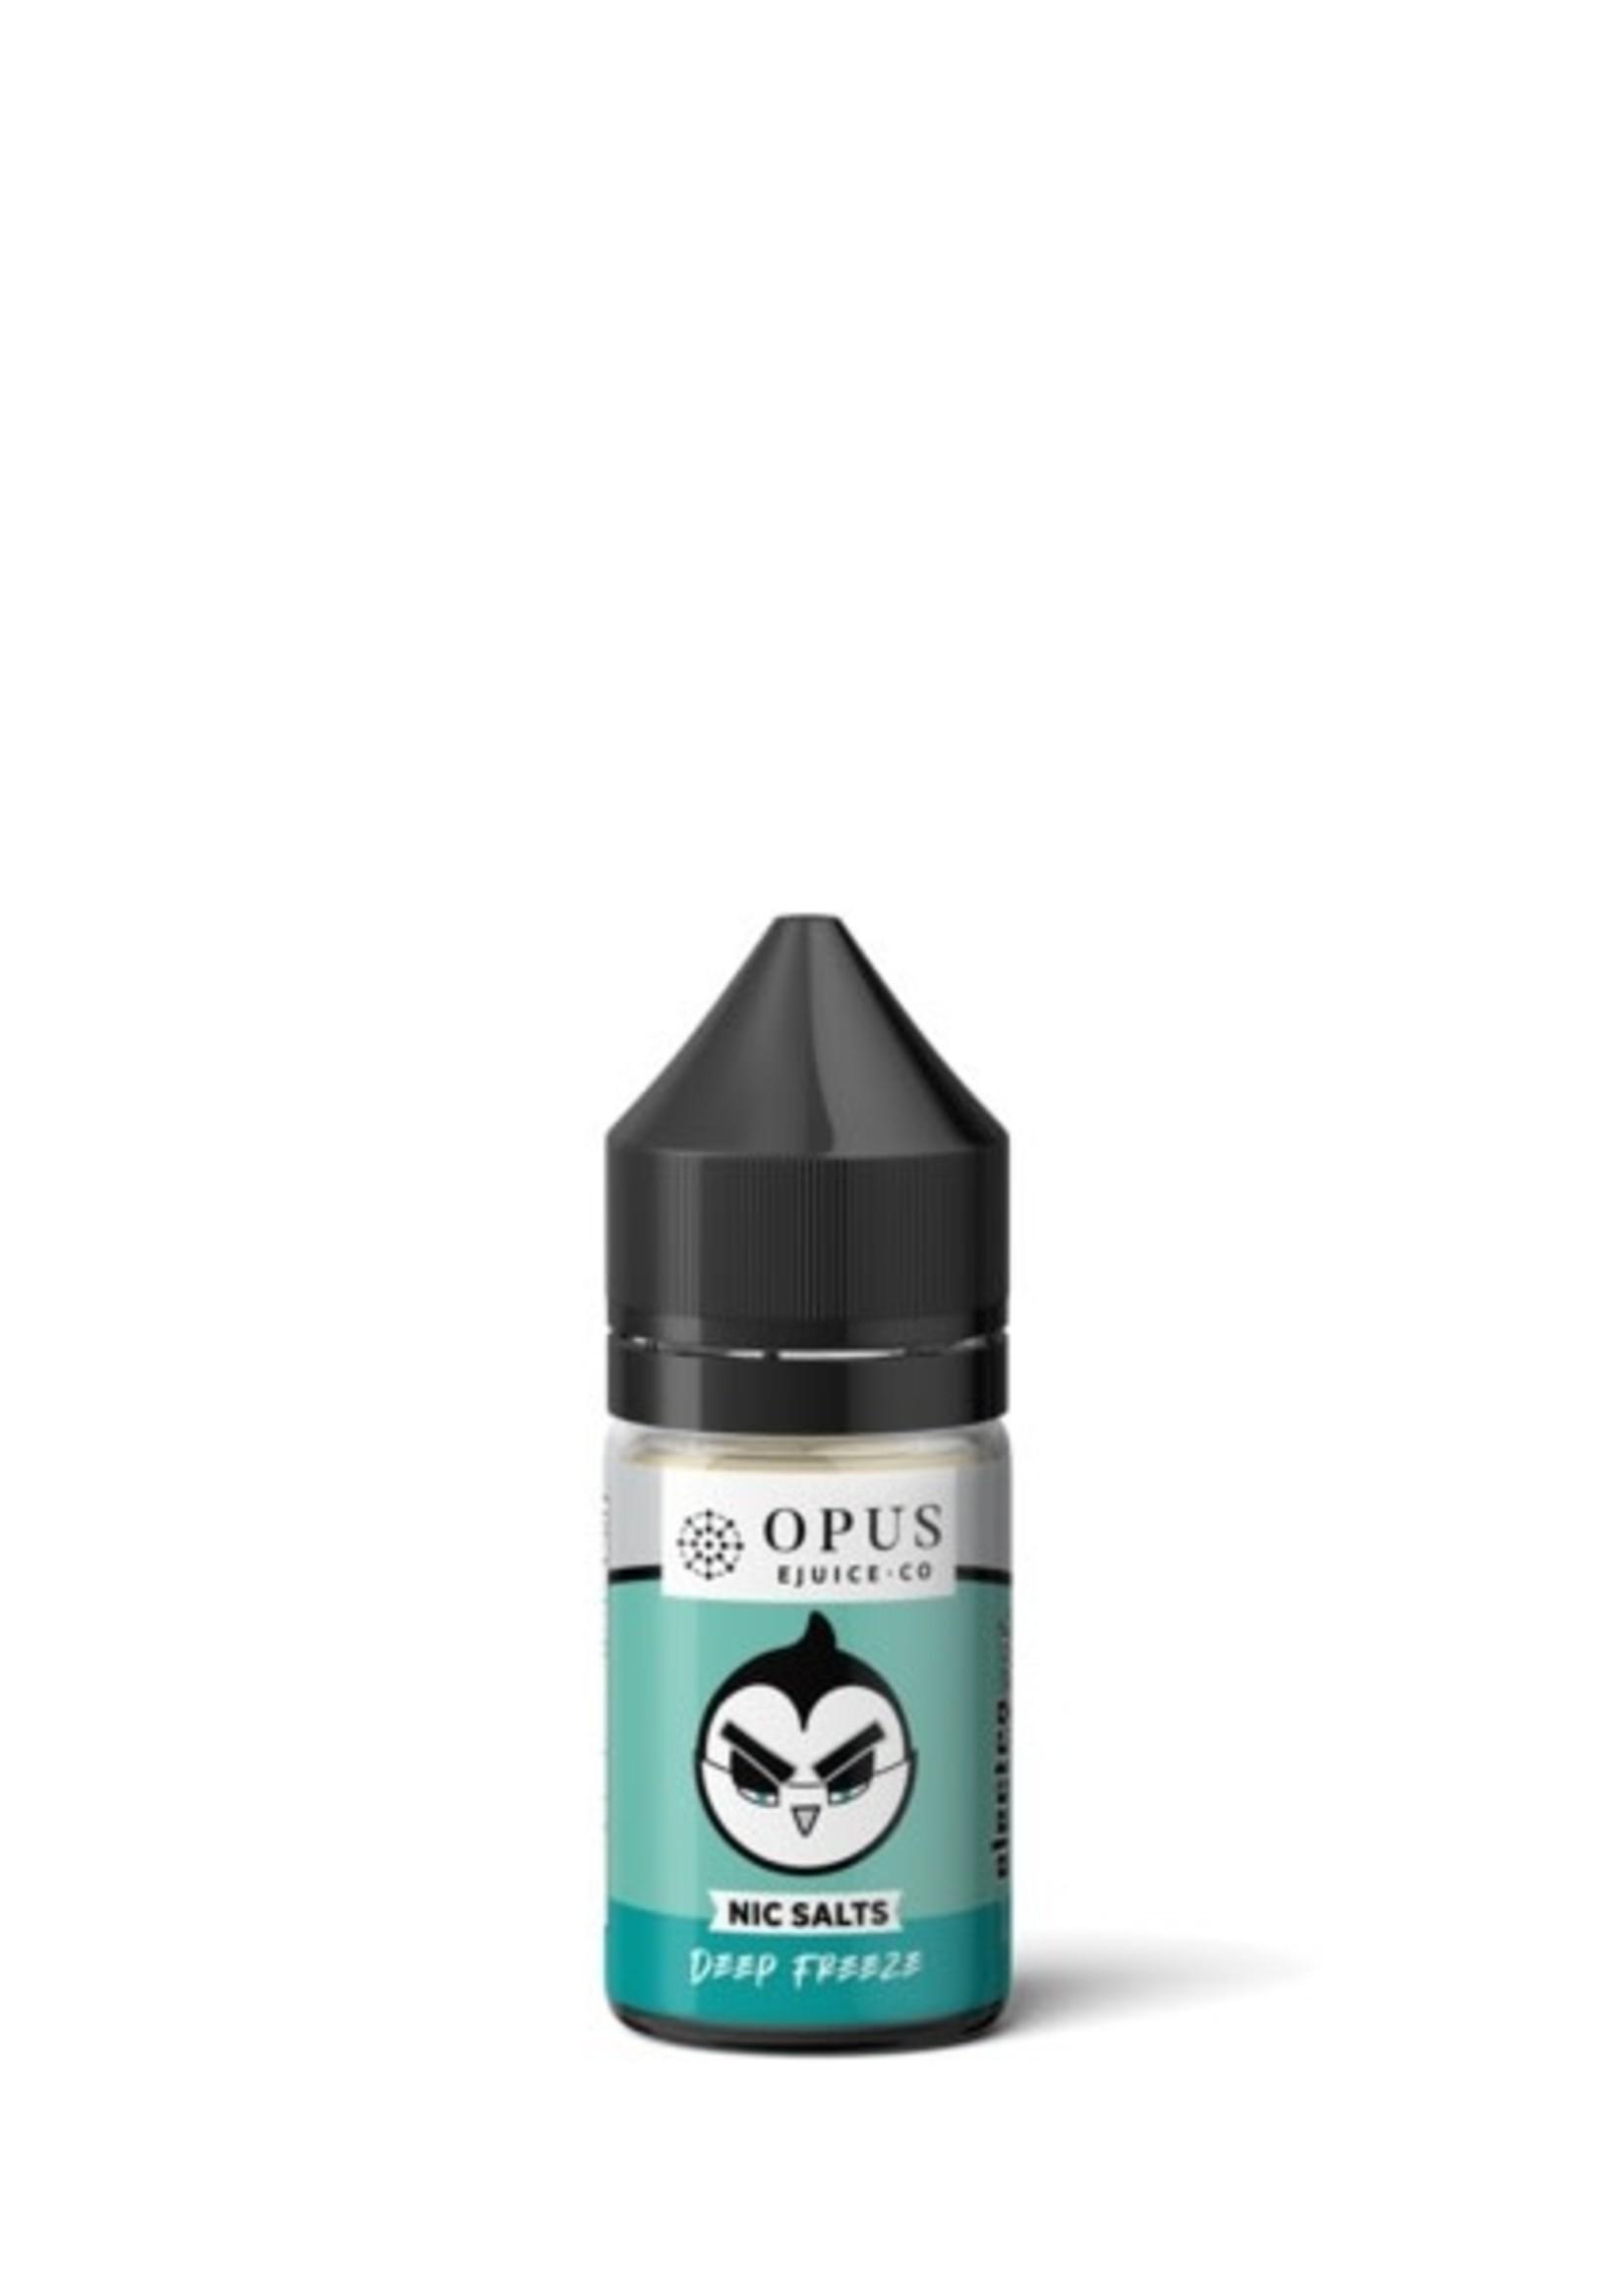 Opus Vape flavour - Deep freeze salts 30ml- 20mg